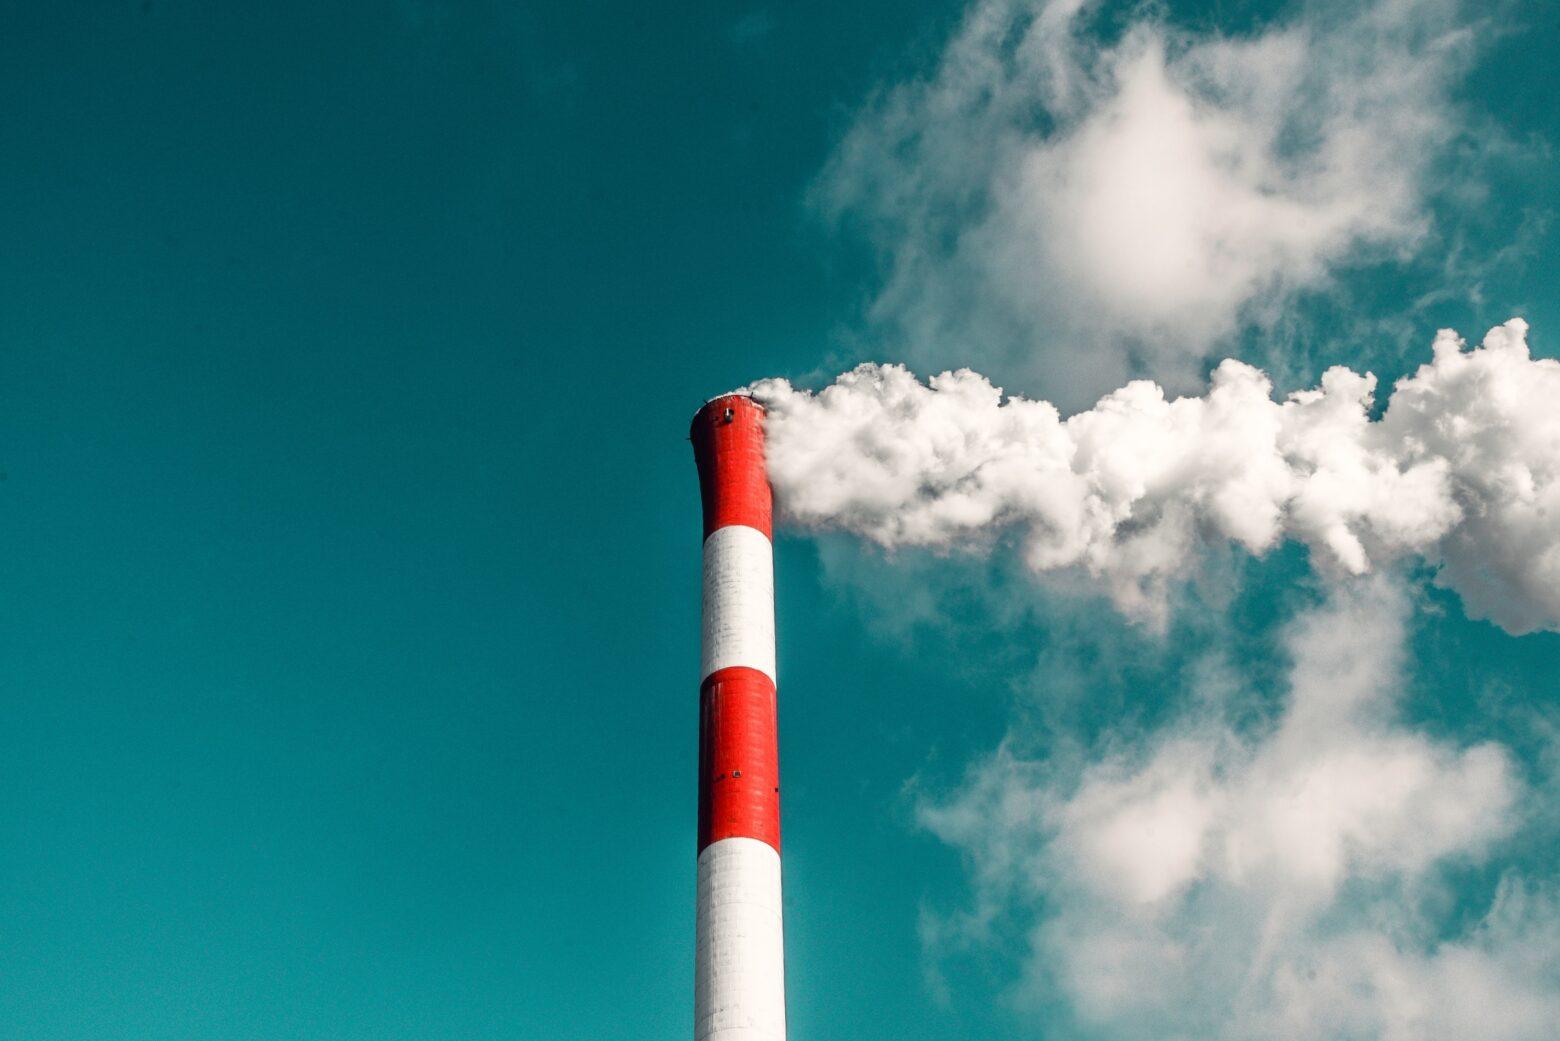 Ez a tudós arra akar motiválni, hogy harcoljunk az éghajlatváltozás ellen